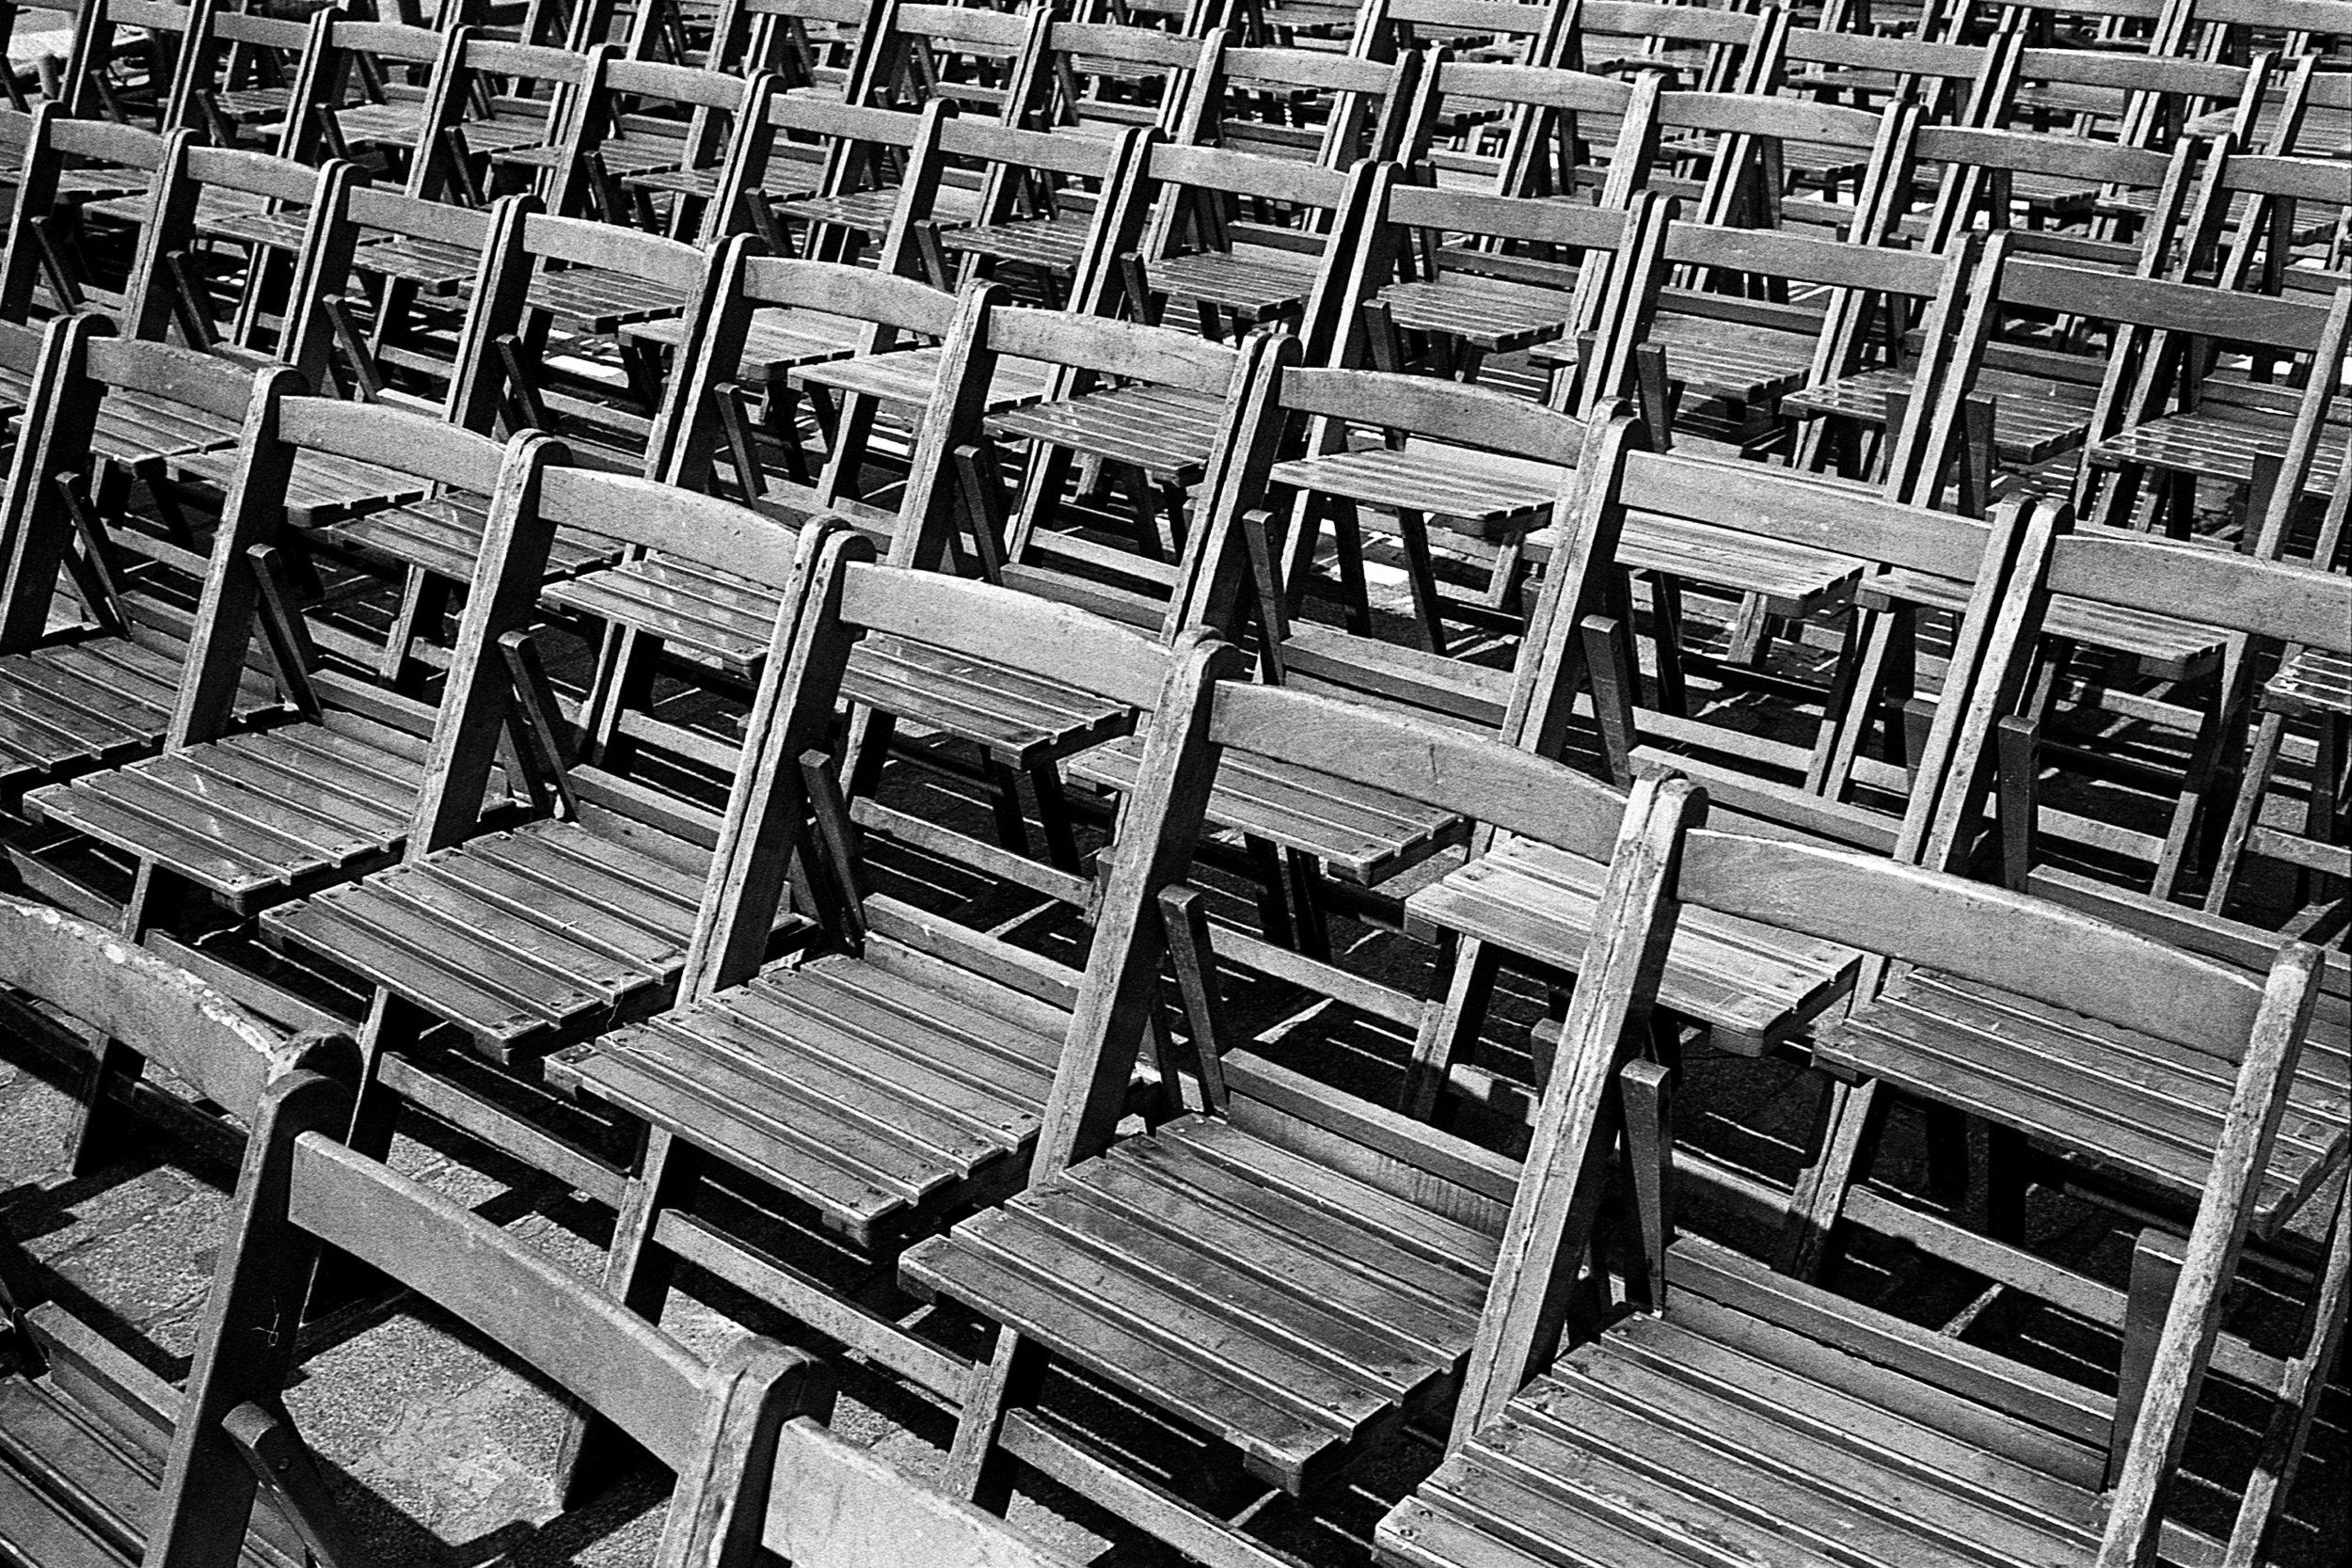 SPAIN_LeicaM6_400tx_031-2.jpg